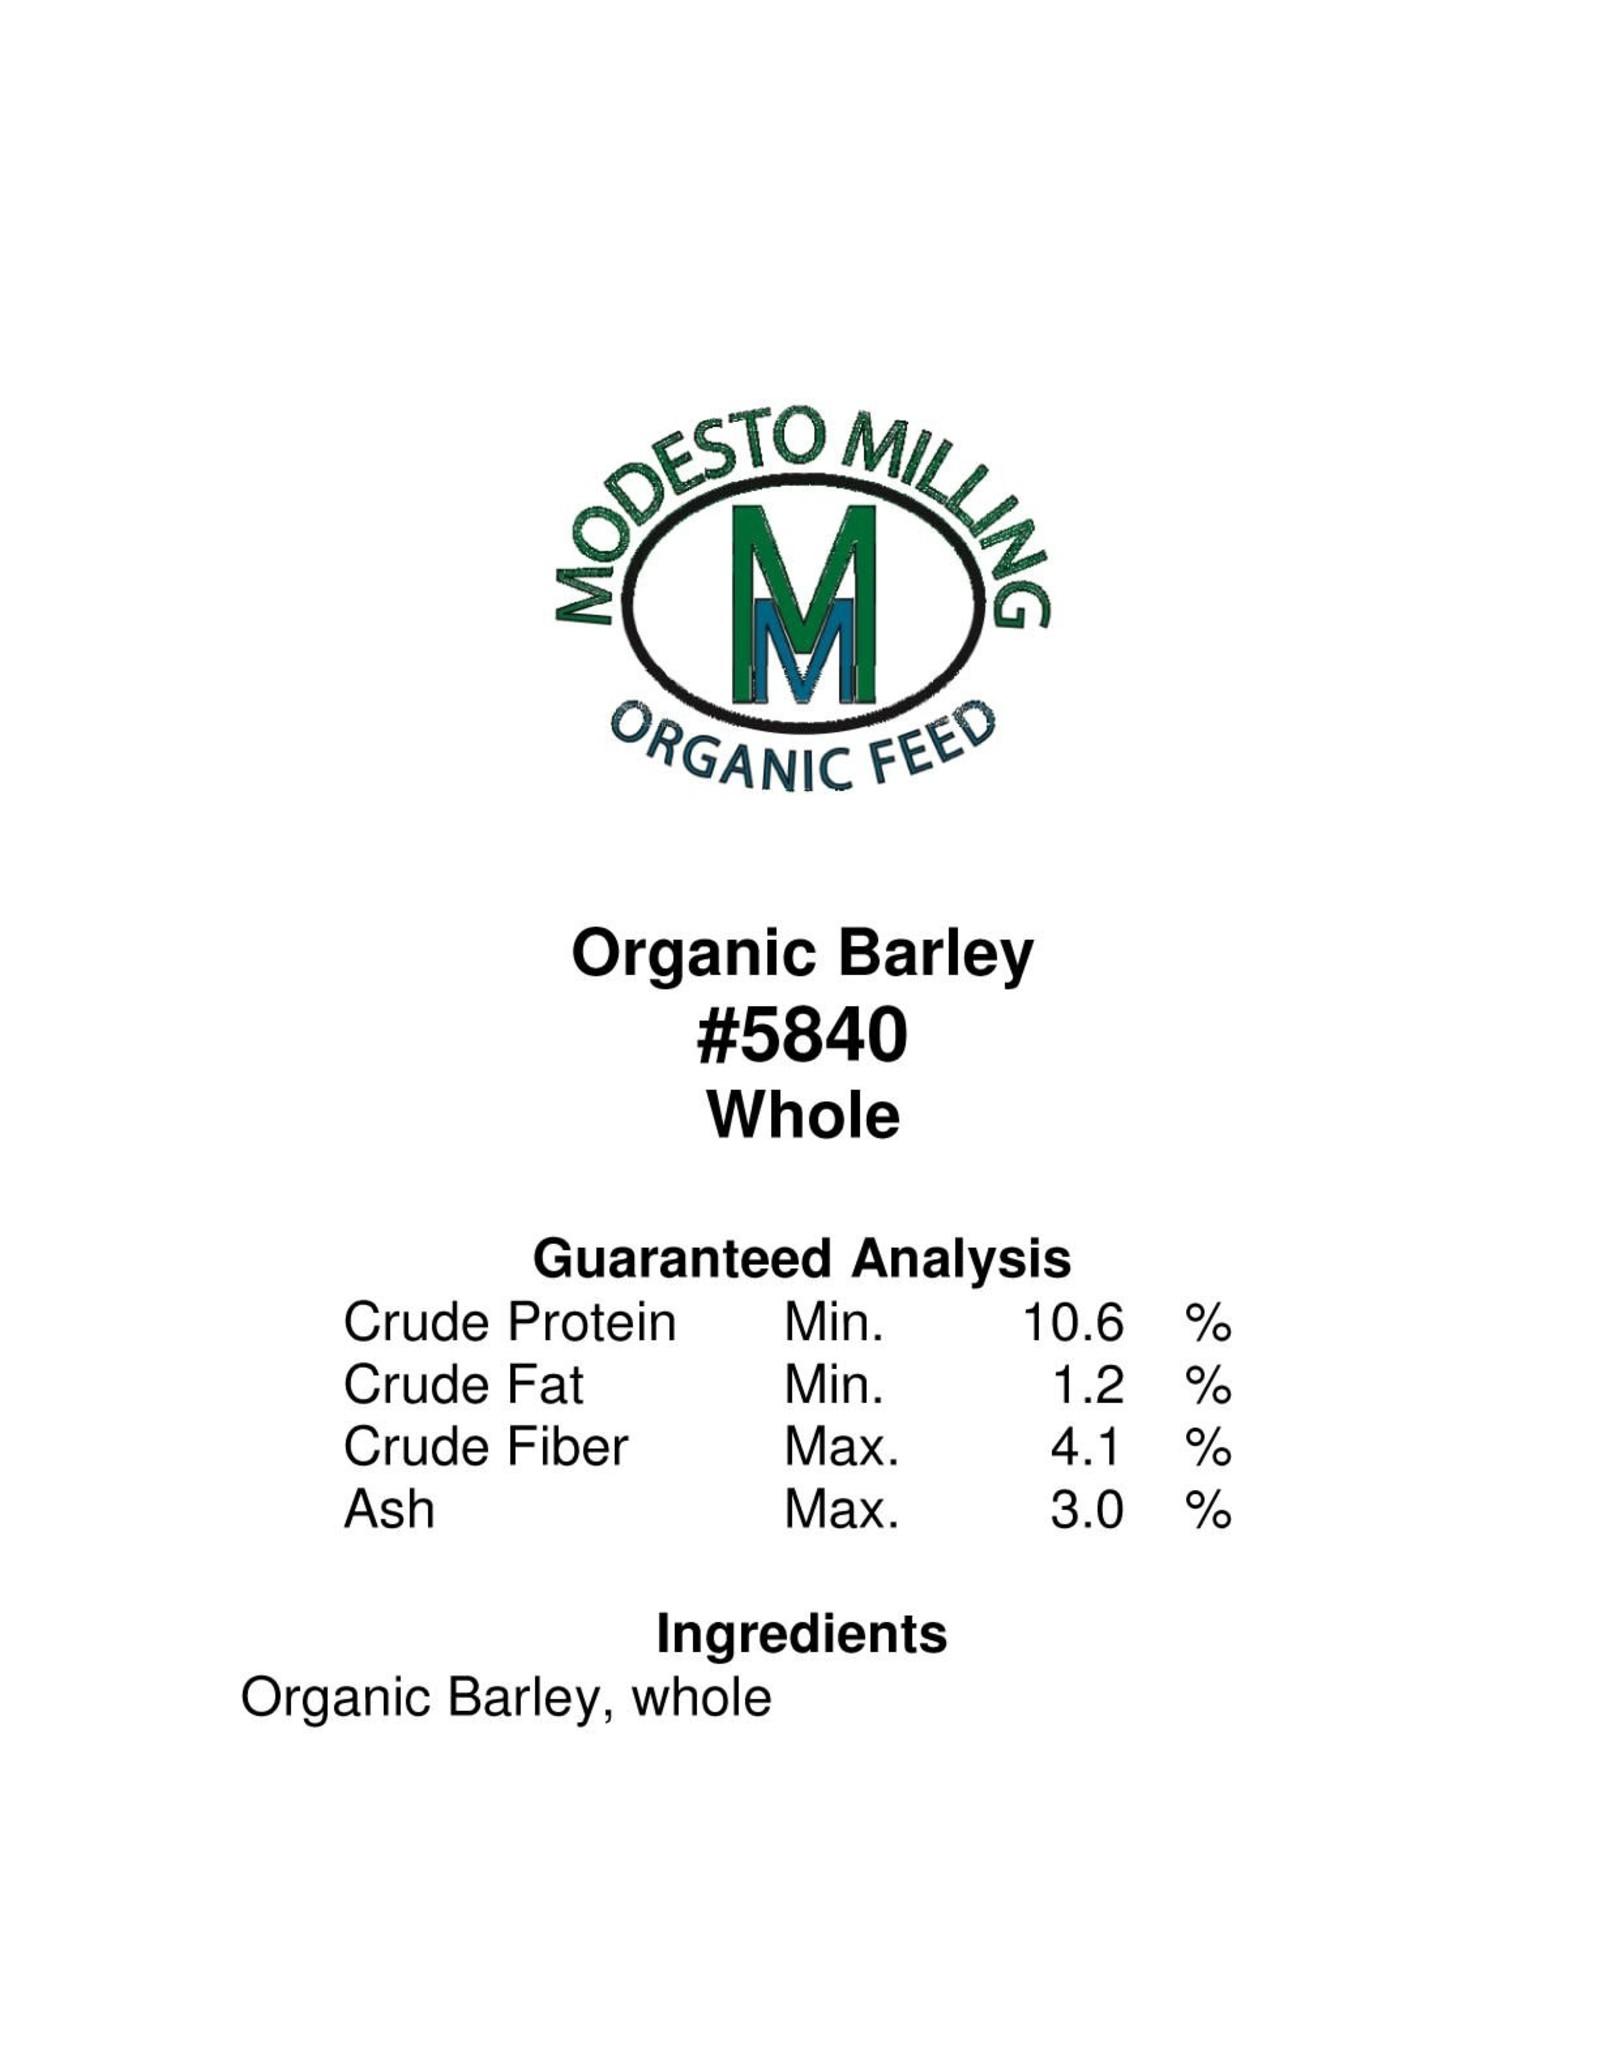 Modesto Milling Whole Barley